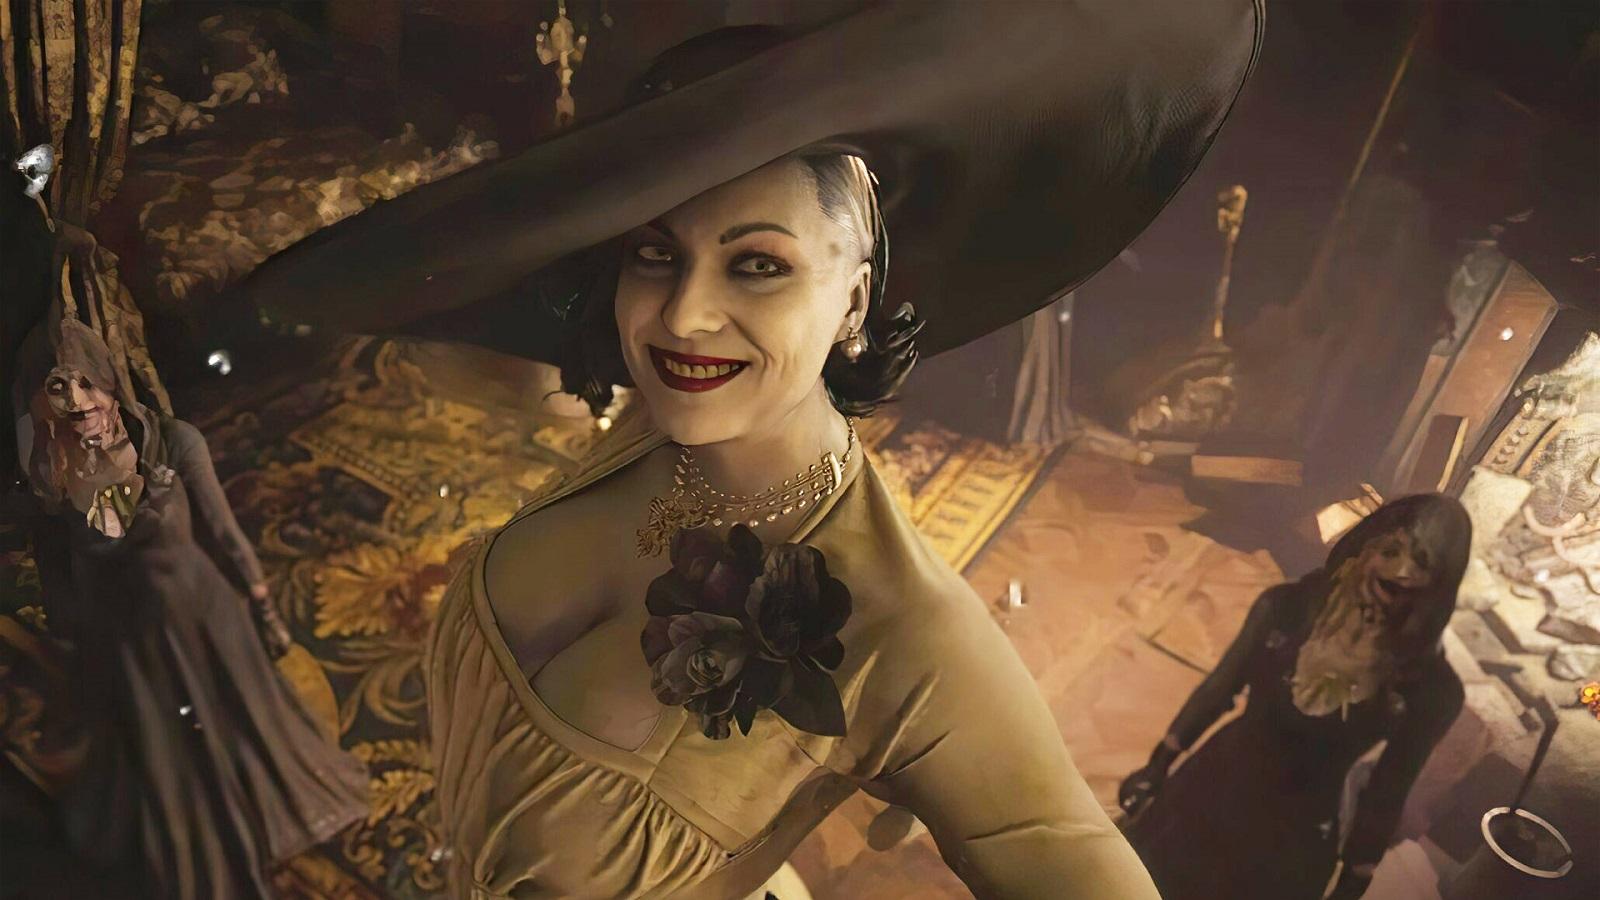 Capcom назвала официальный рост леди Димитреску из Resident Evil Village — дама оказалась даже выше, чем предполагали